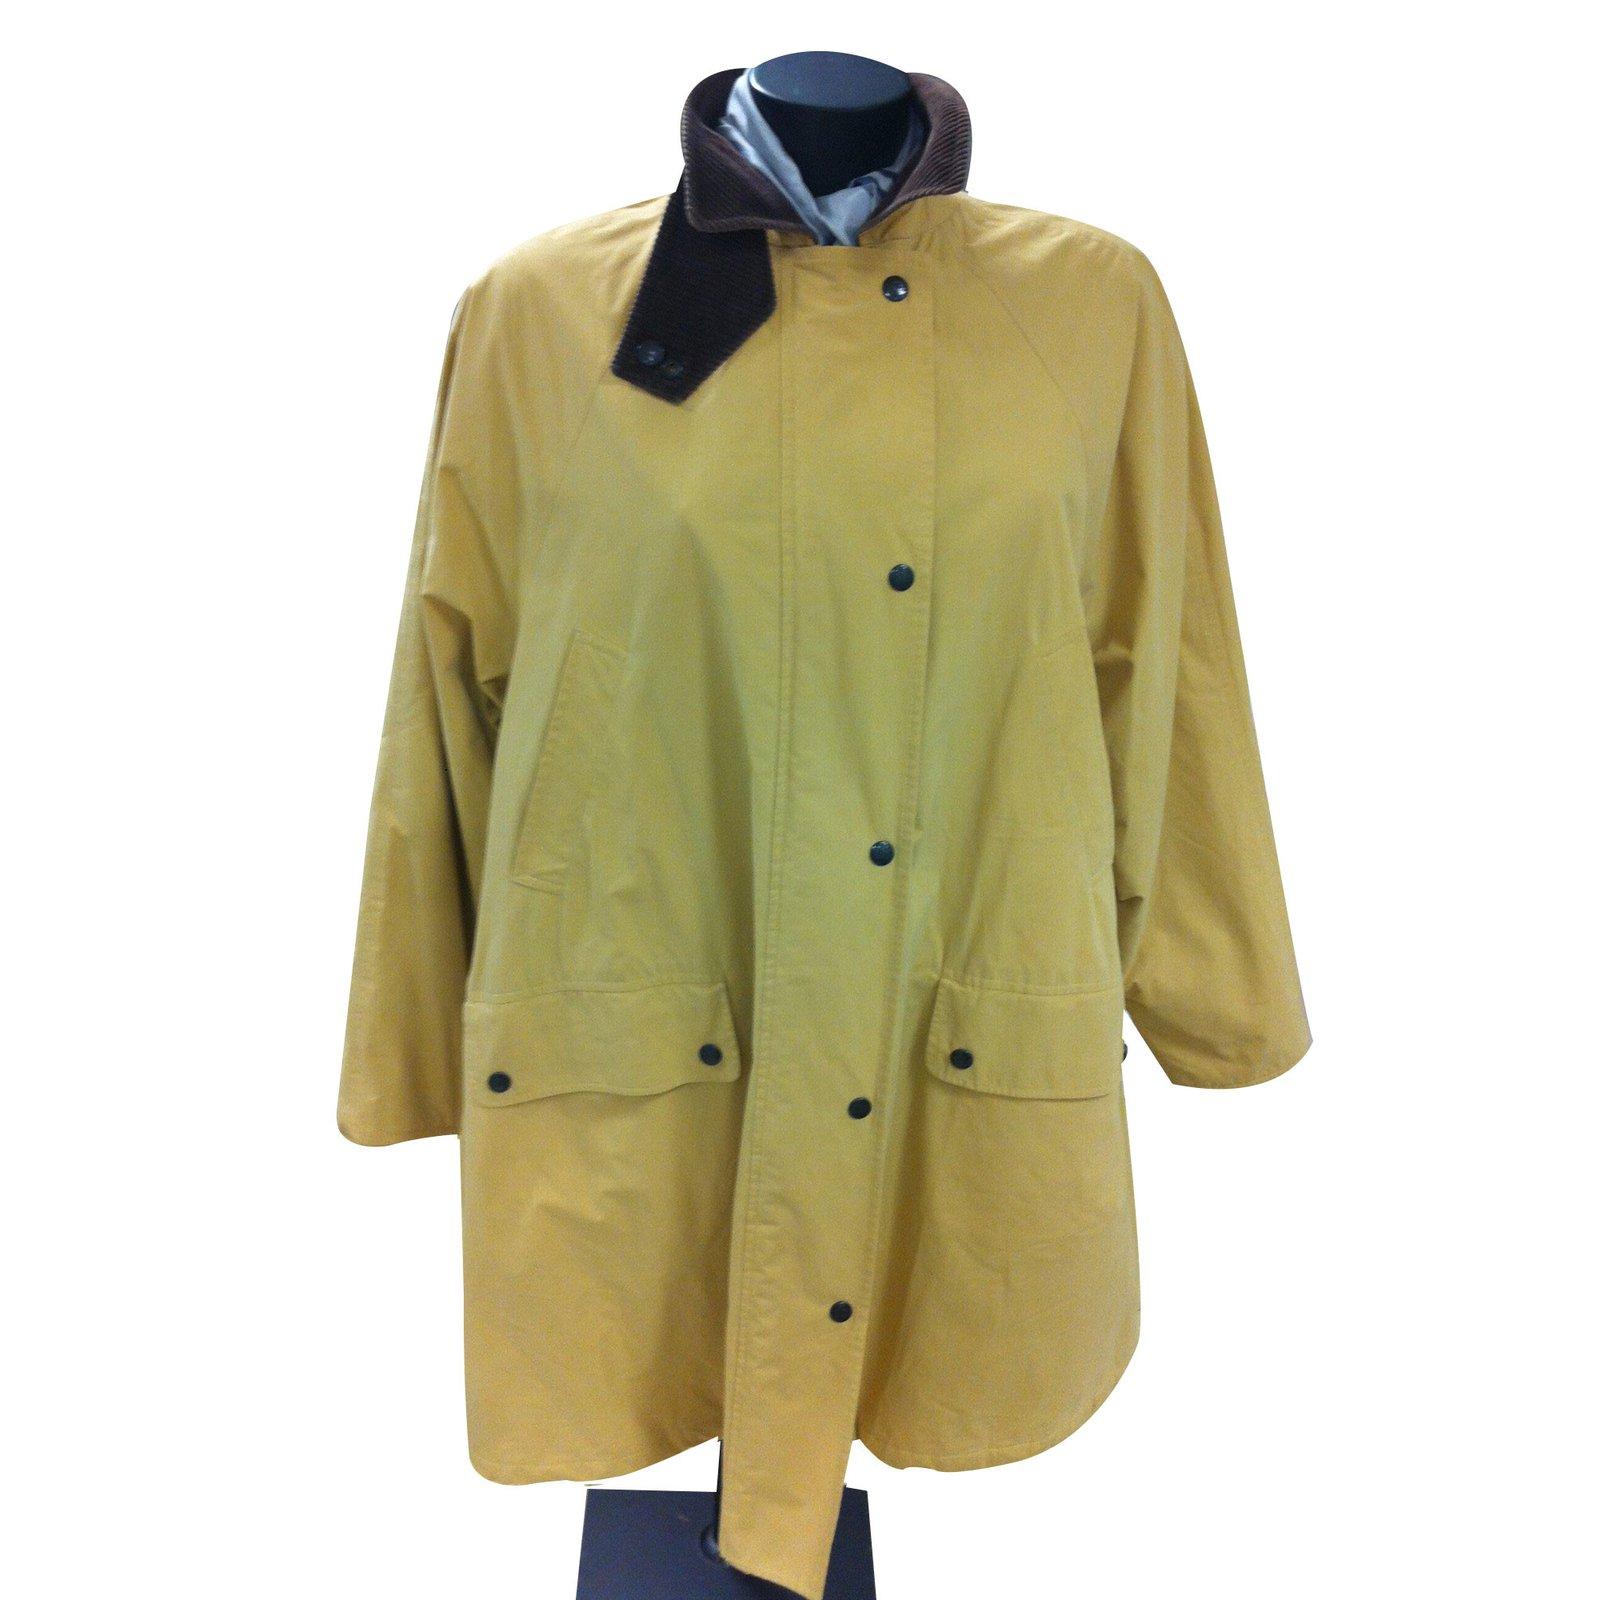 manteaux homme burberry manteaux homme laine jaune ref. Black Bedroom Furniture Sets. Home Design Ideas